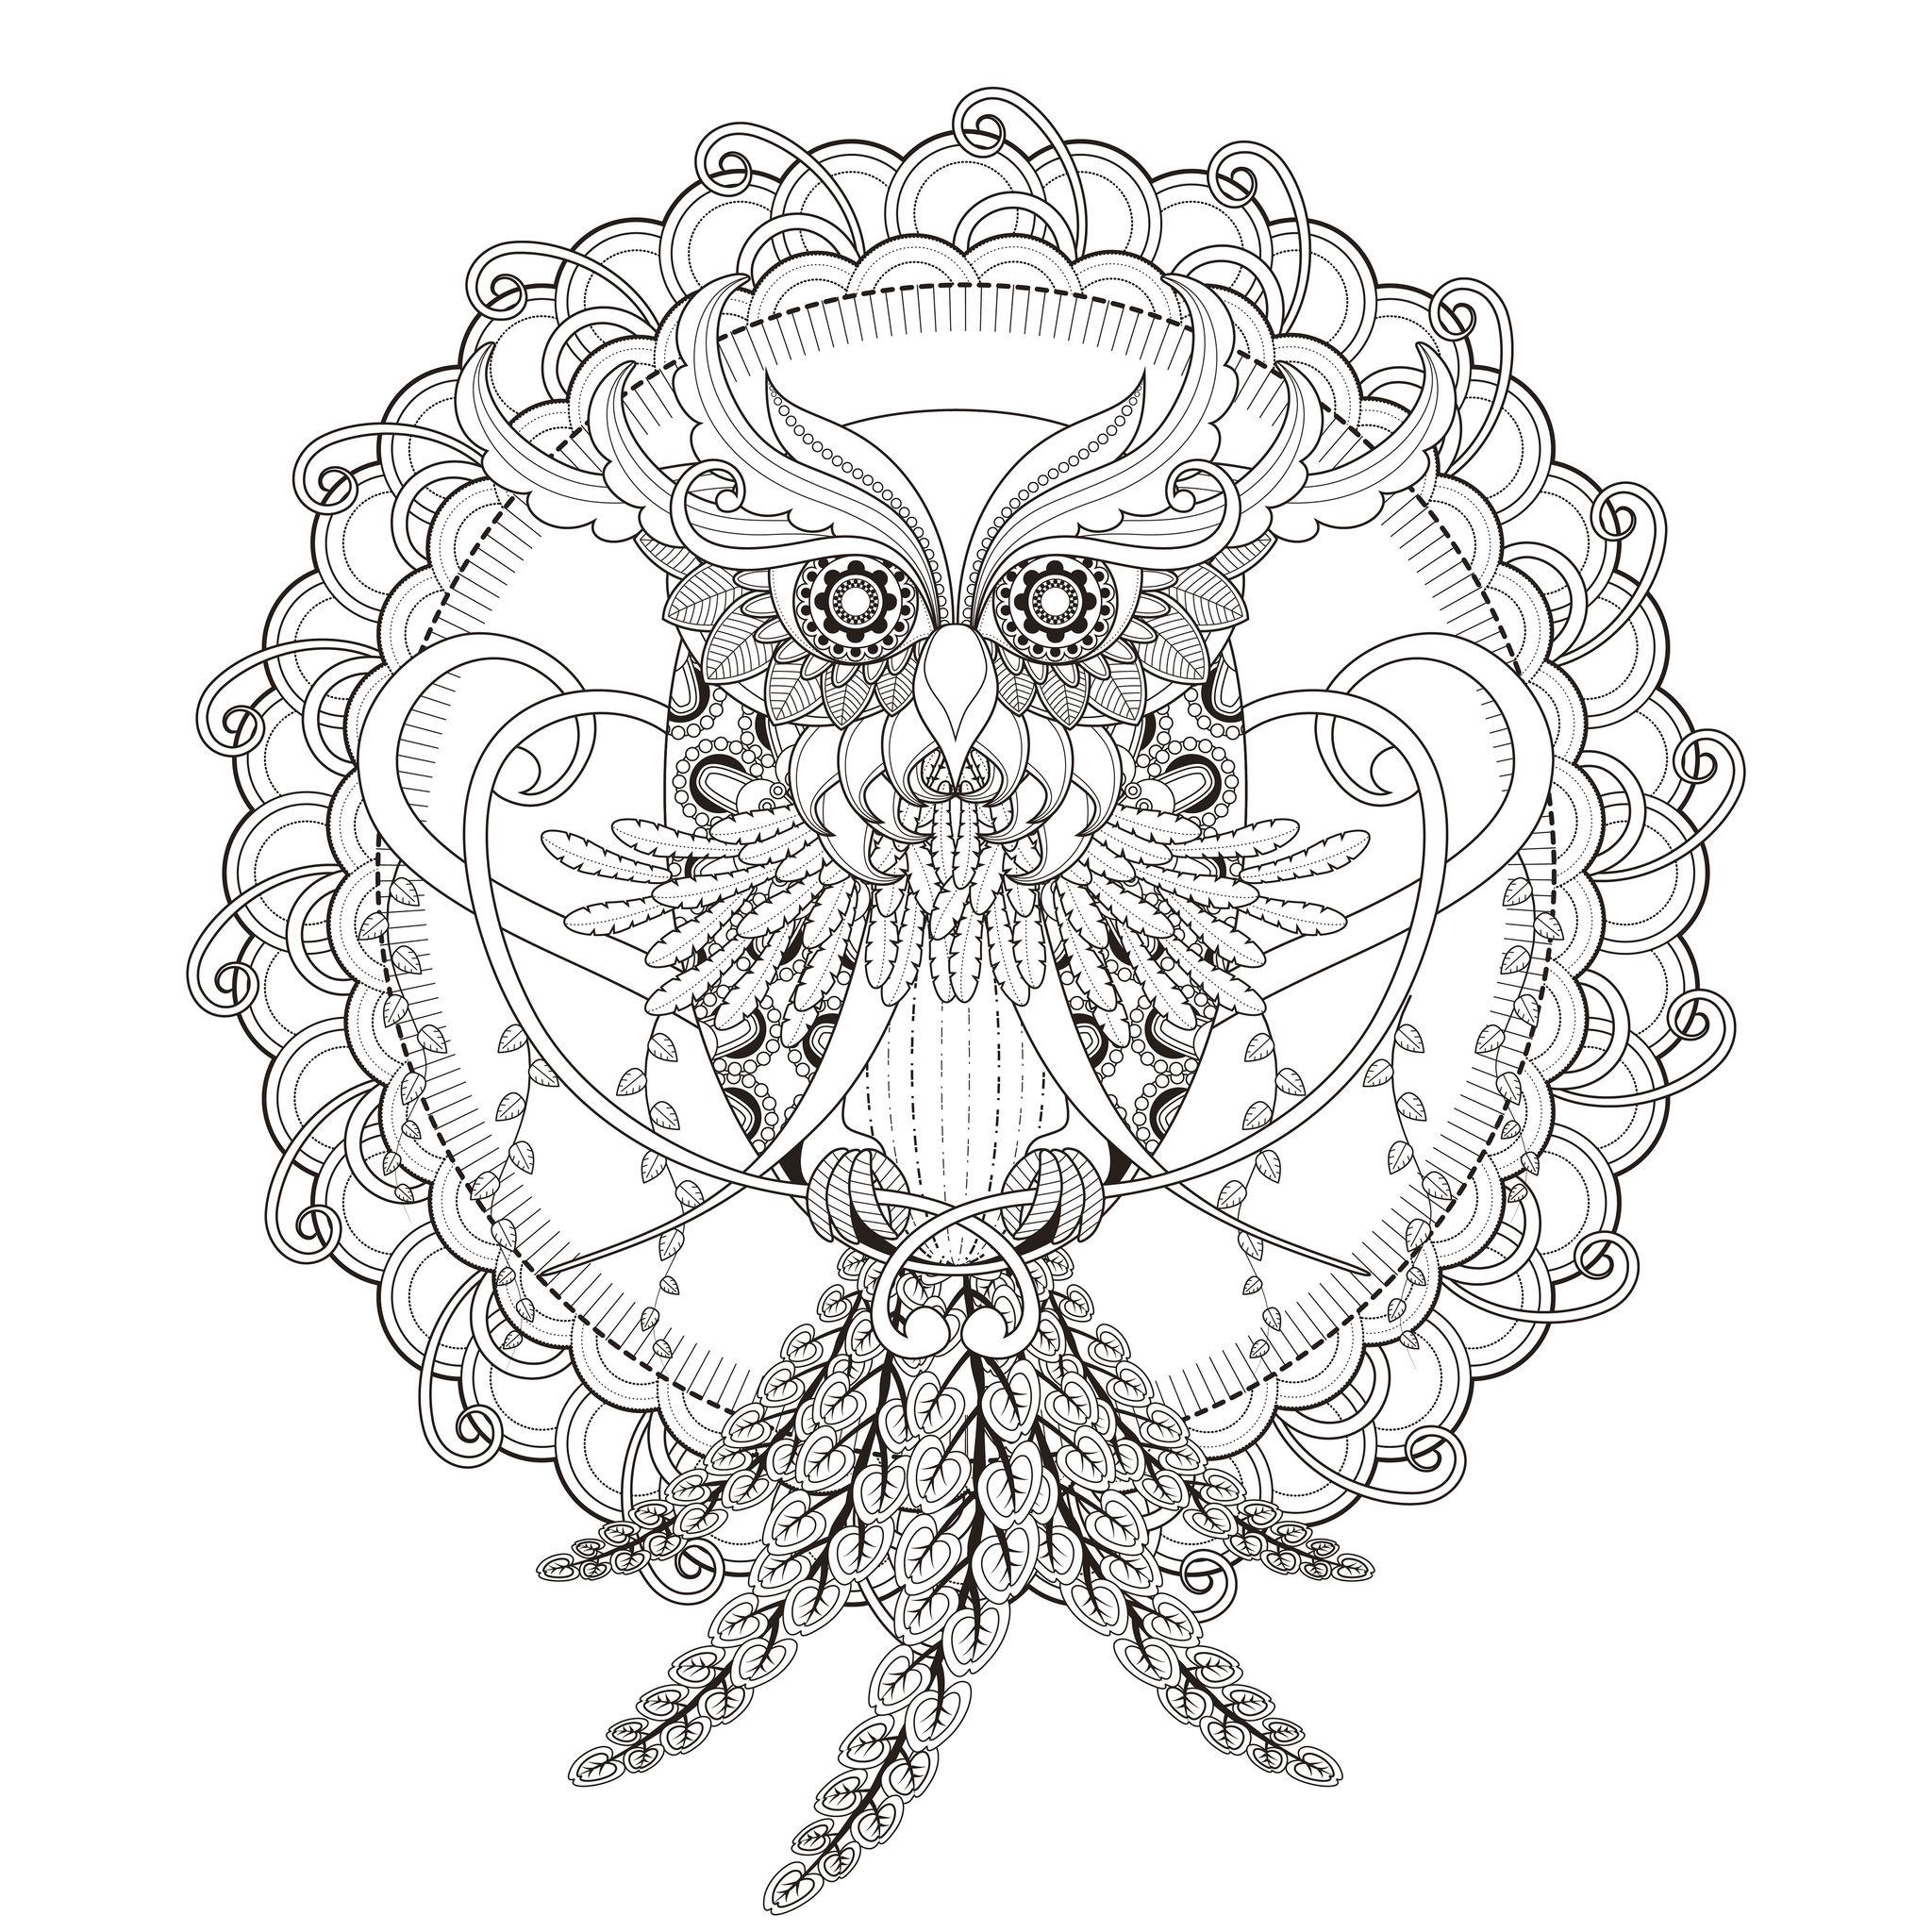 Mandala Chouette Mandalas Coloriages Difficiles Pour Adultes